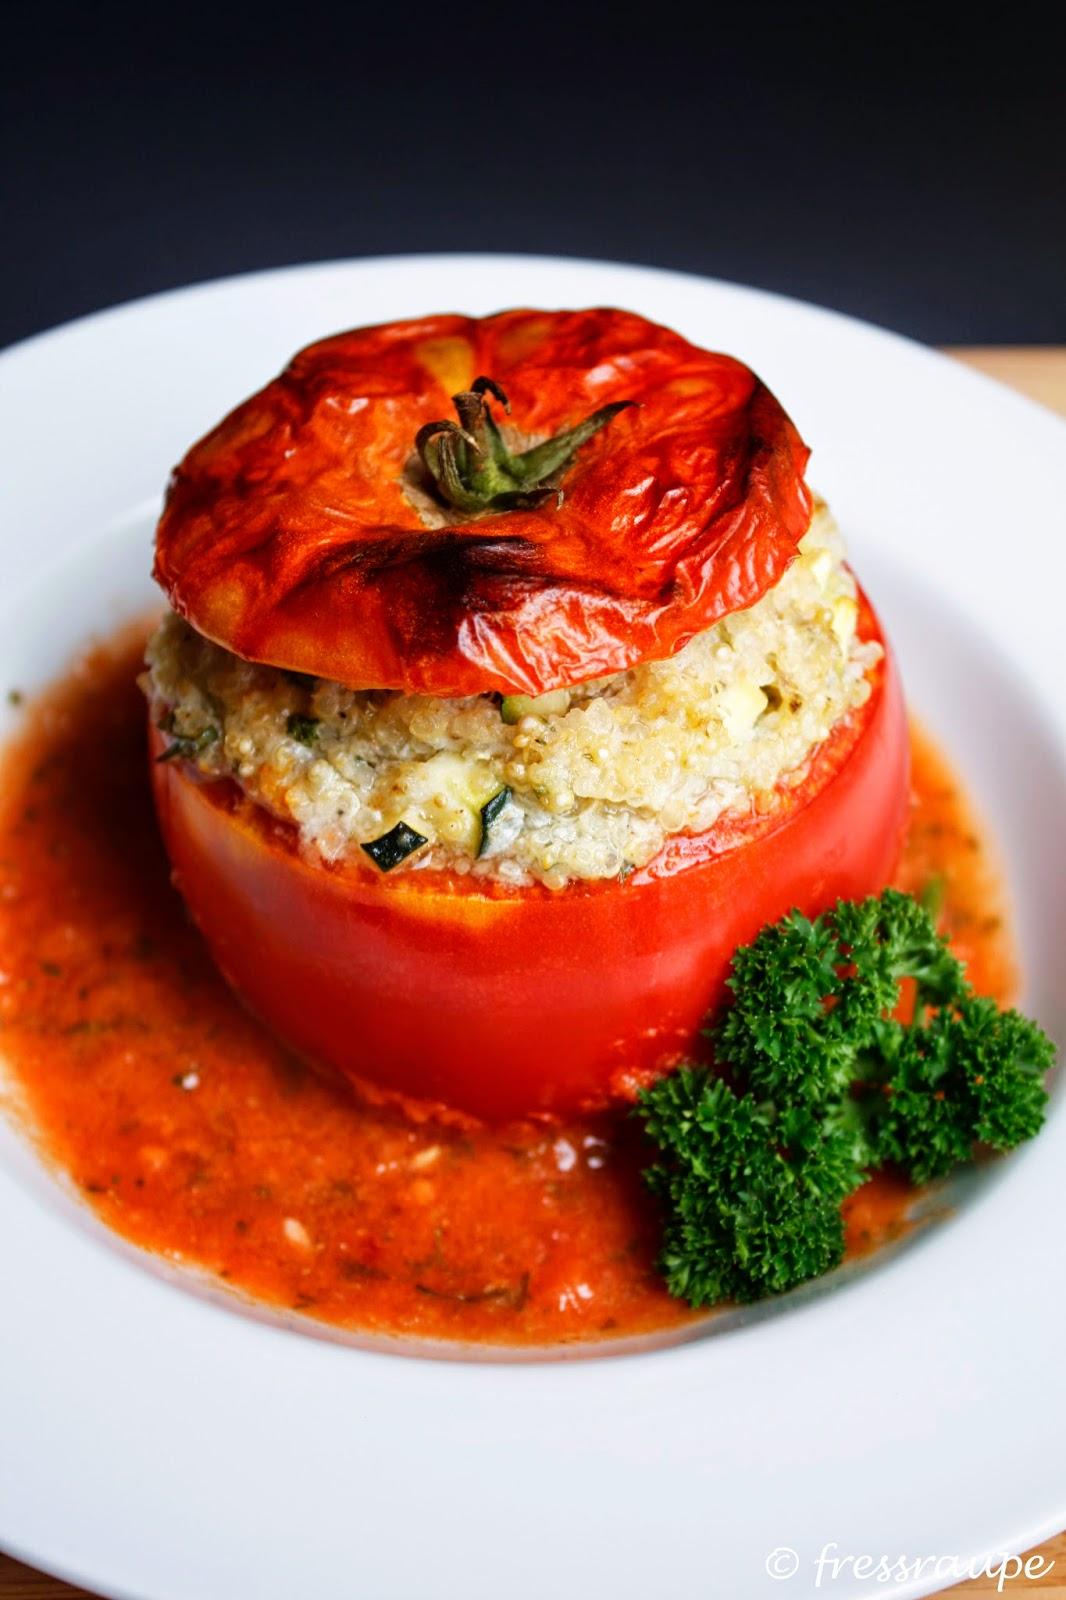 fressraupe das korn der inkas mit quinoa gef llte tomaten. Black Bedroom Furniture Sets. Home Design Ideas